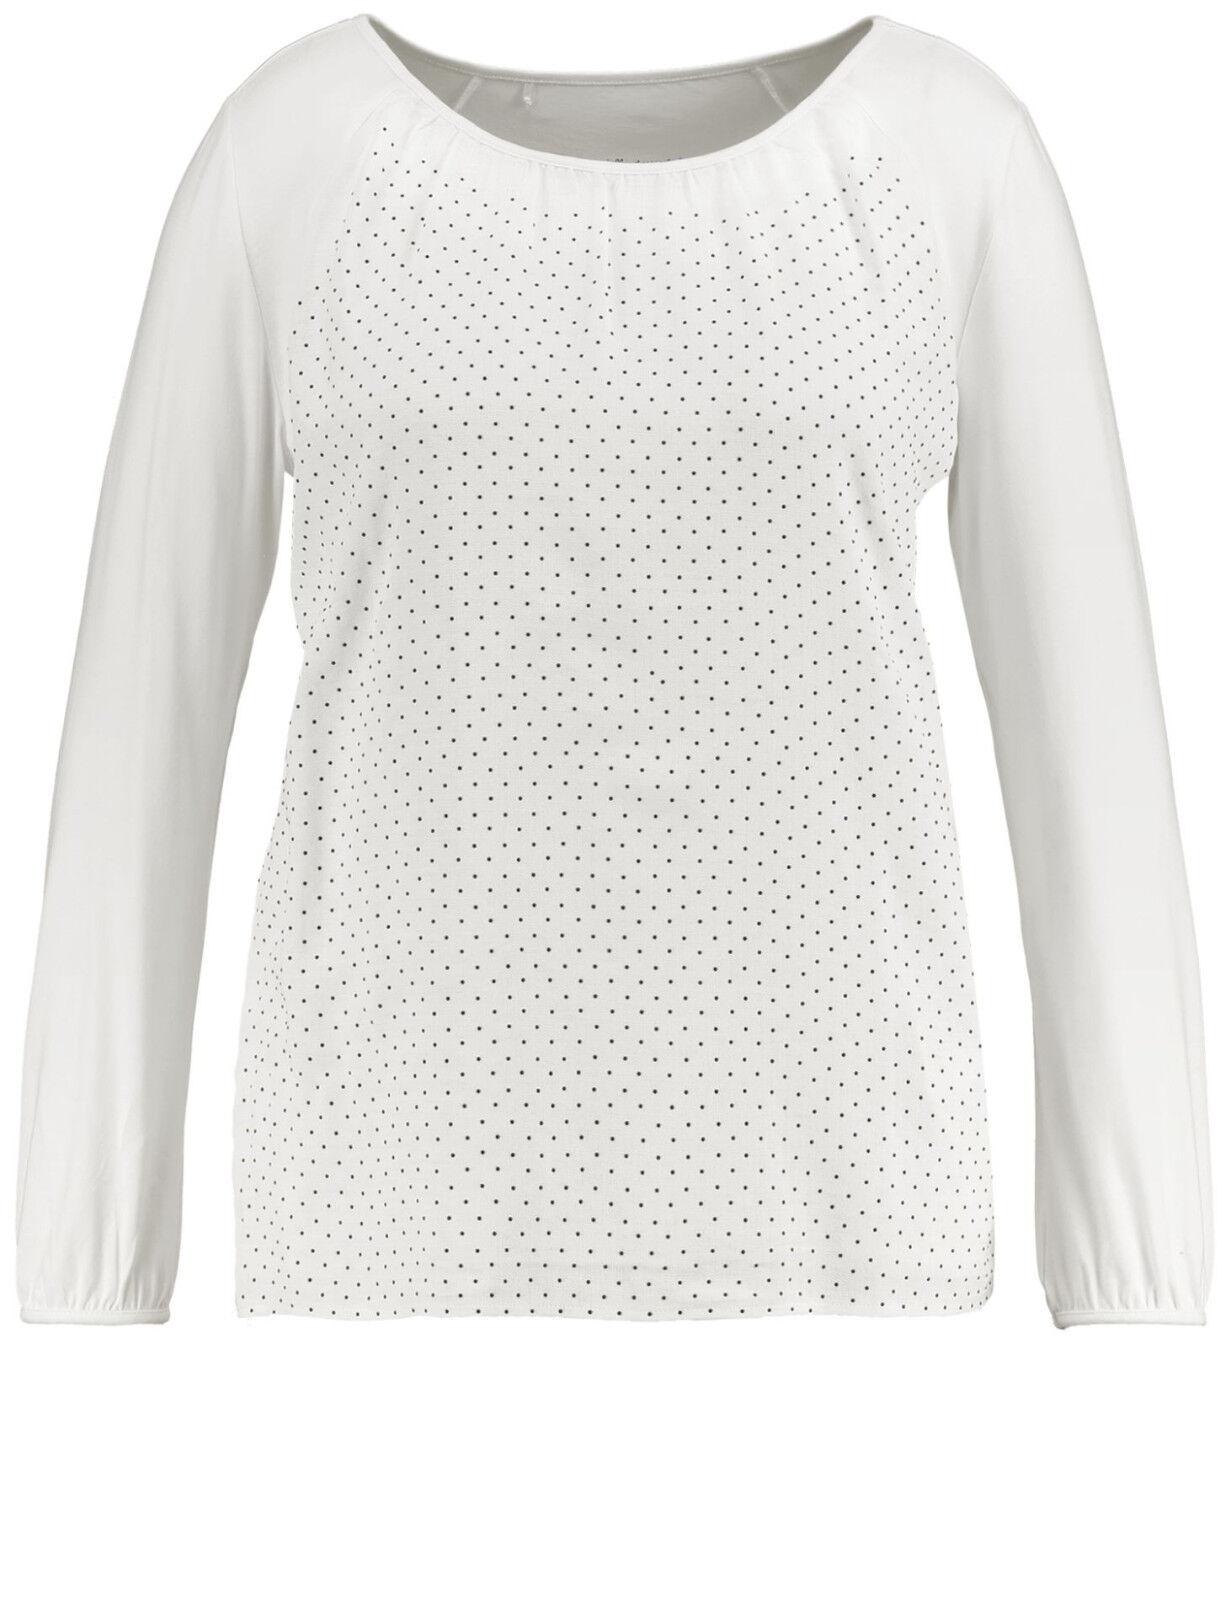 Samoon Shirt mit dekorativer Blausenfront by Gerry Weber Neu ged.weiß Damen Gr.52